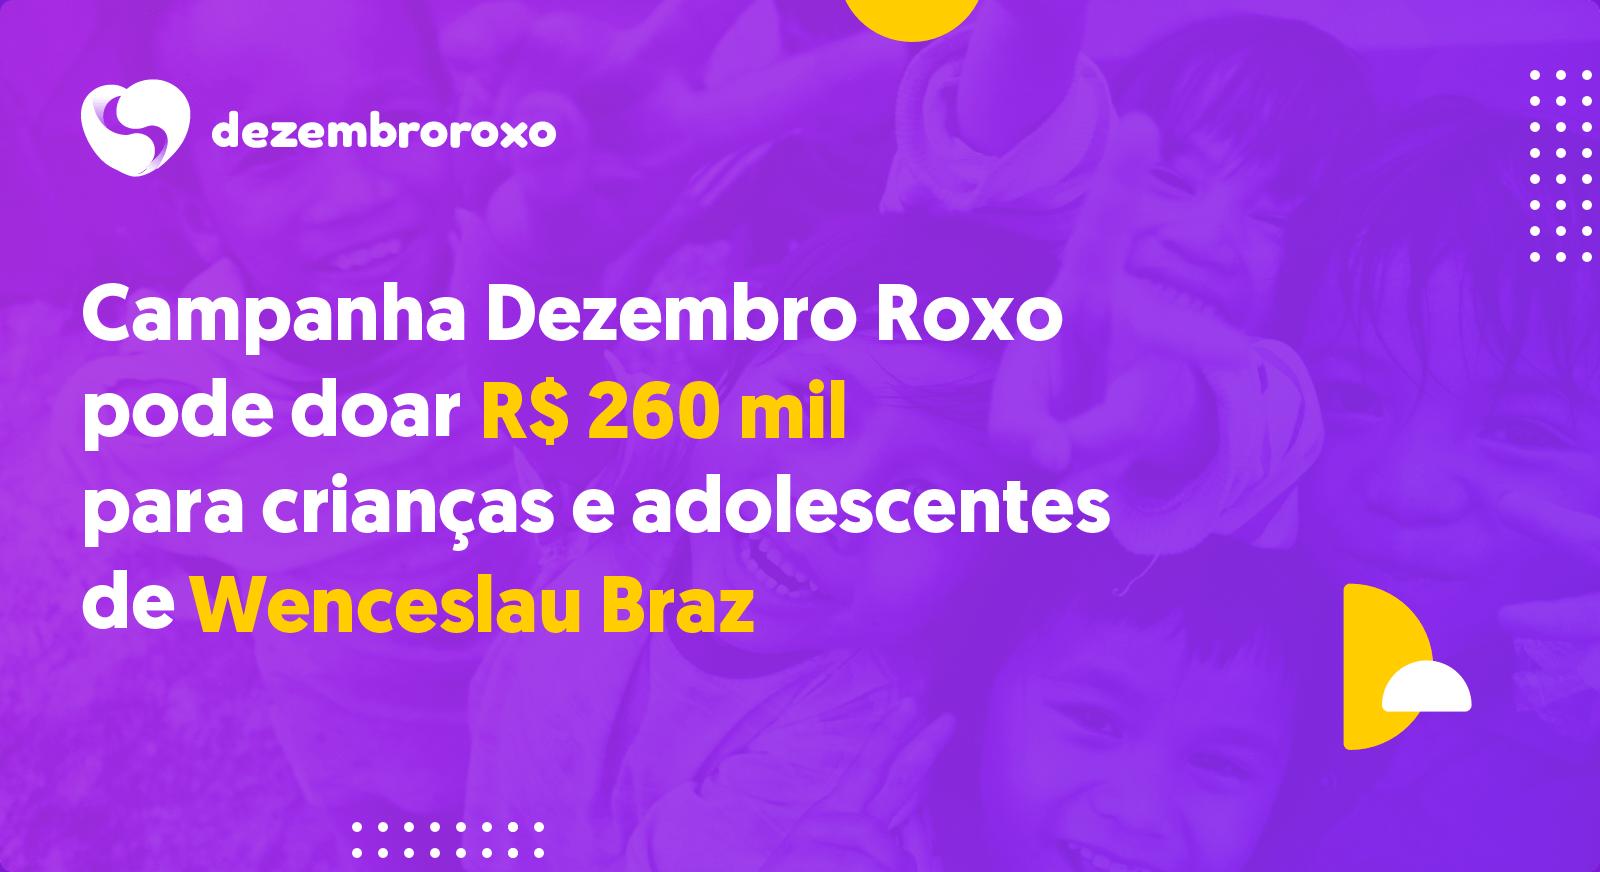 Doações em Wenceslau Braz - PR